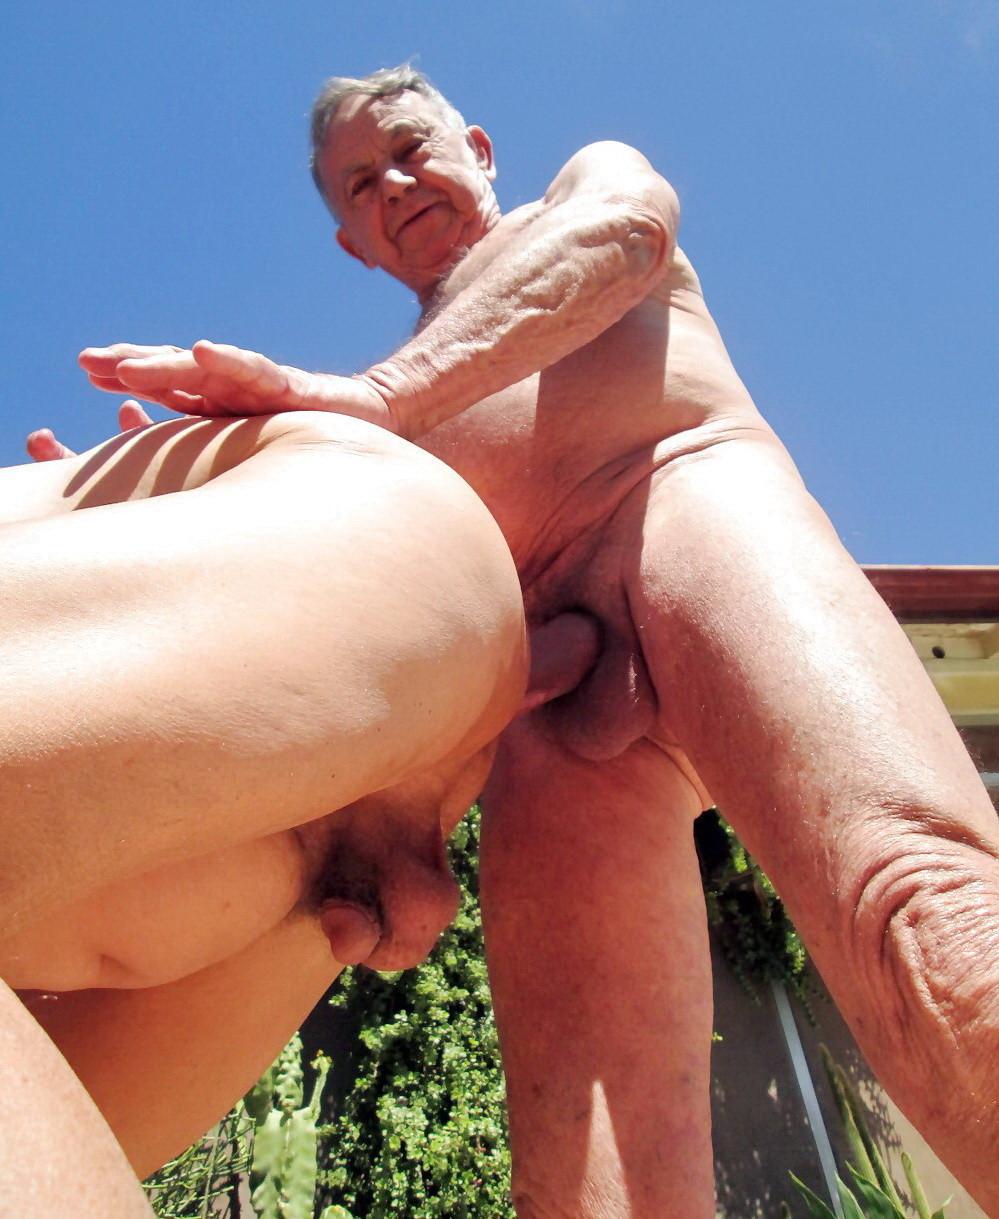 Abuelos Gay Videos Porno los abuelos estan calientes - poringa!